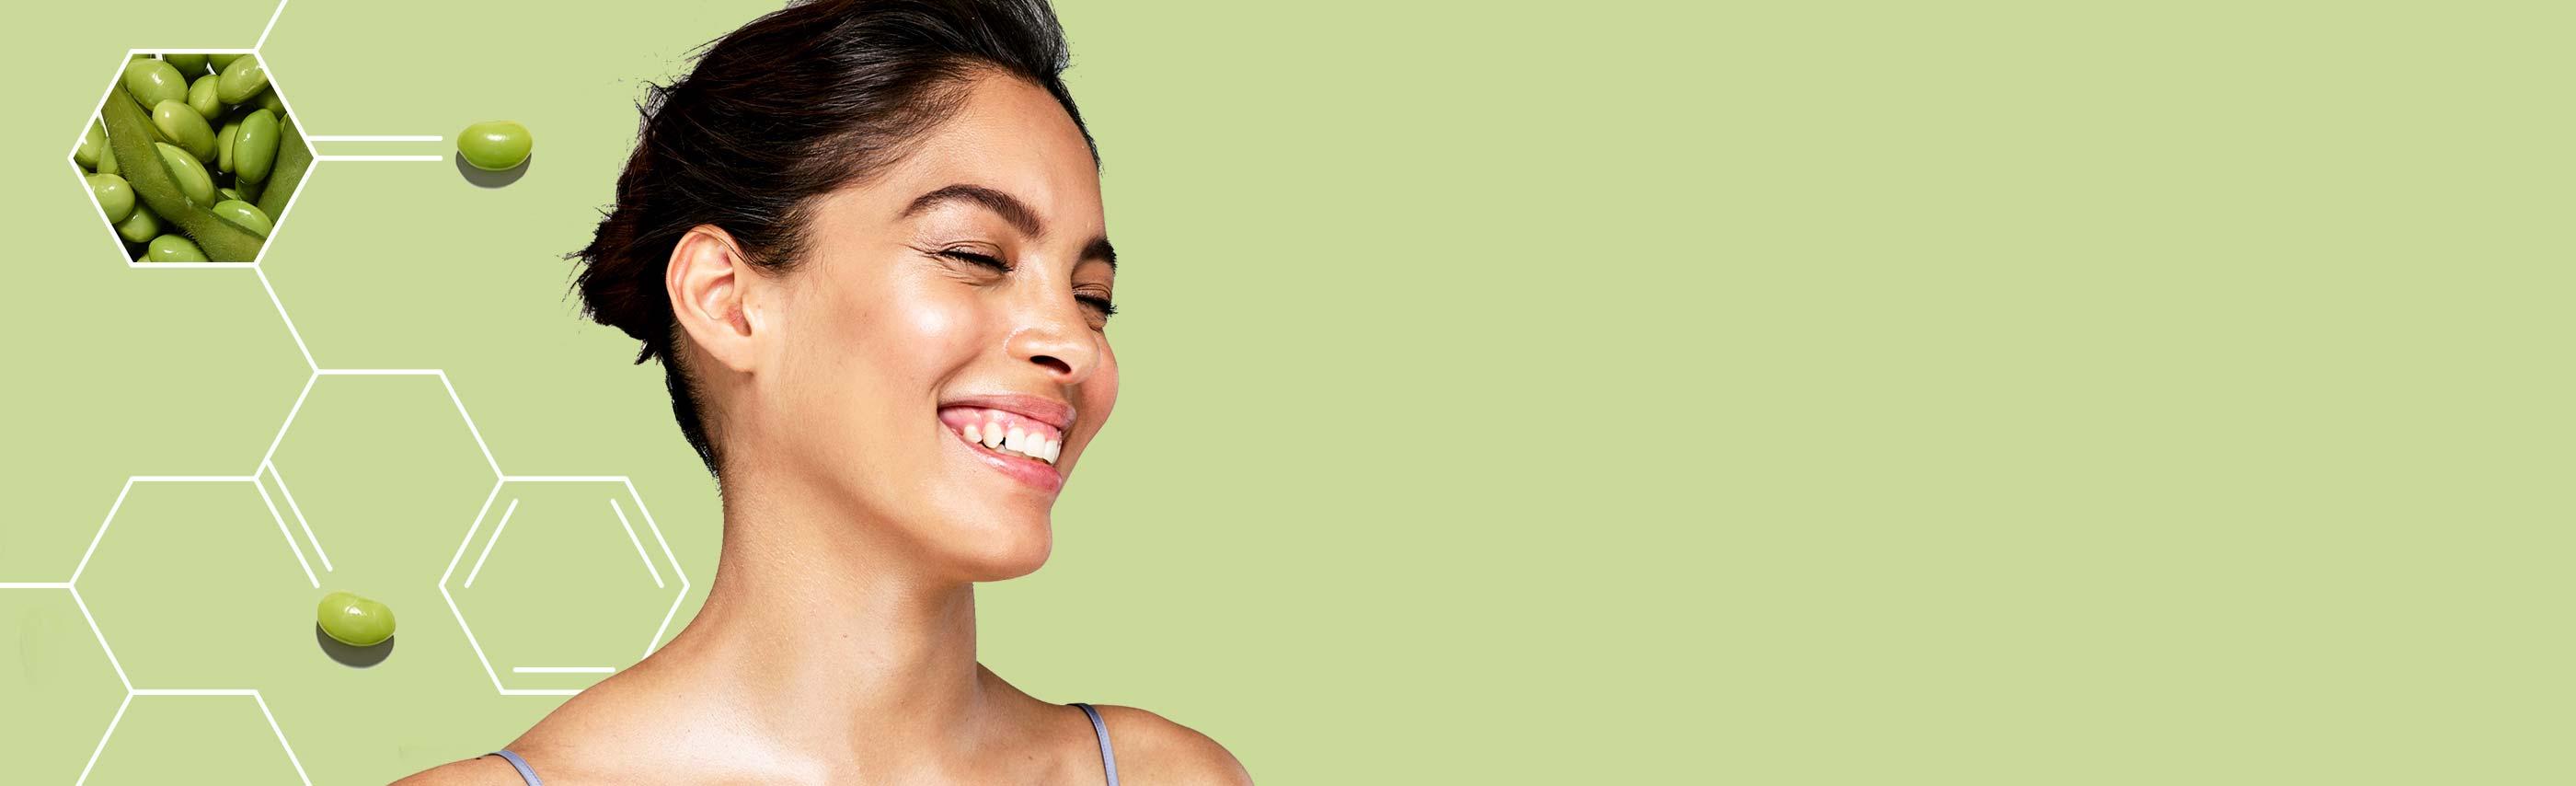 mujer sonriente con piel reluciente gracias a Aveeno Positively Radiant